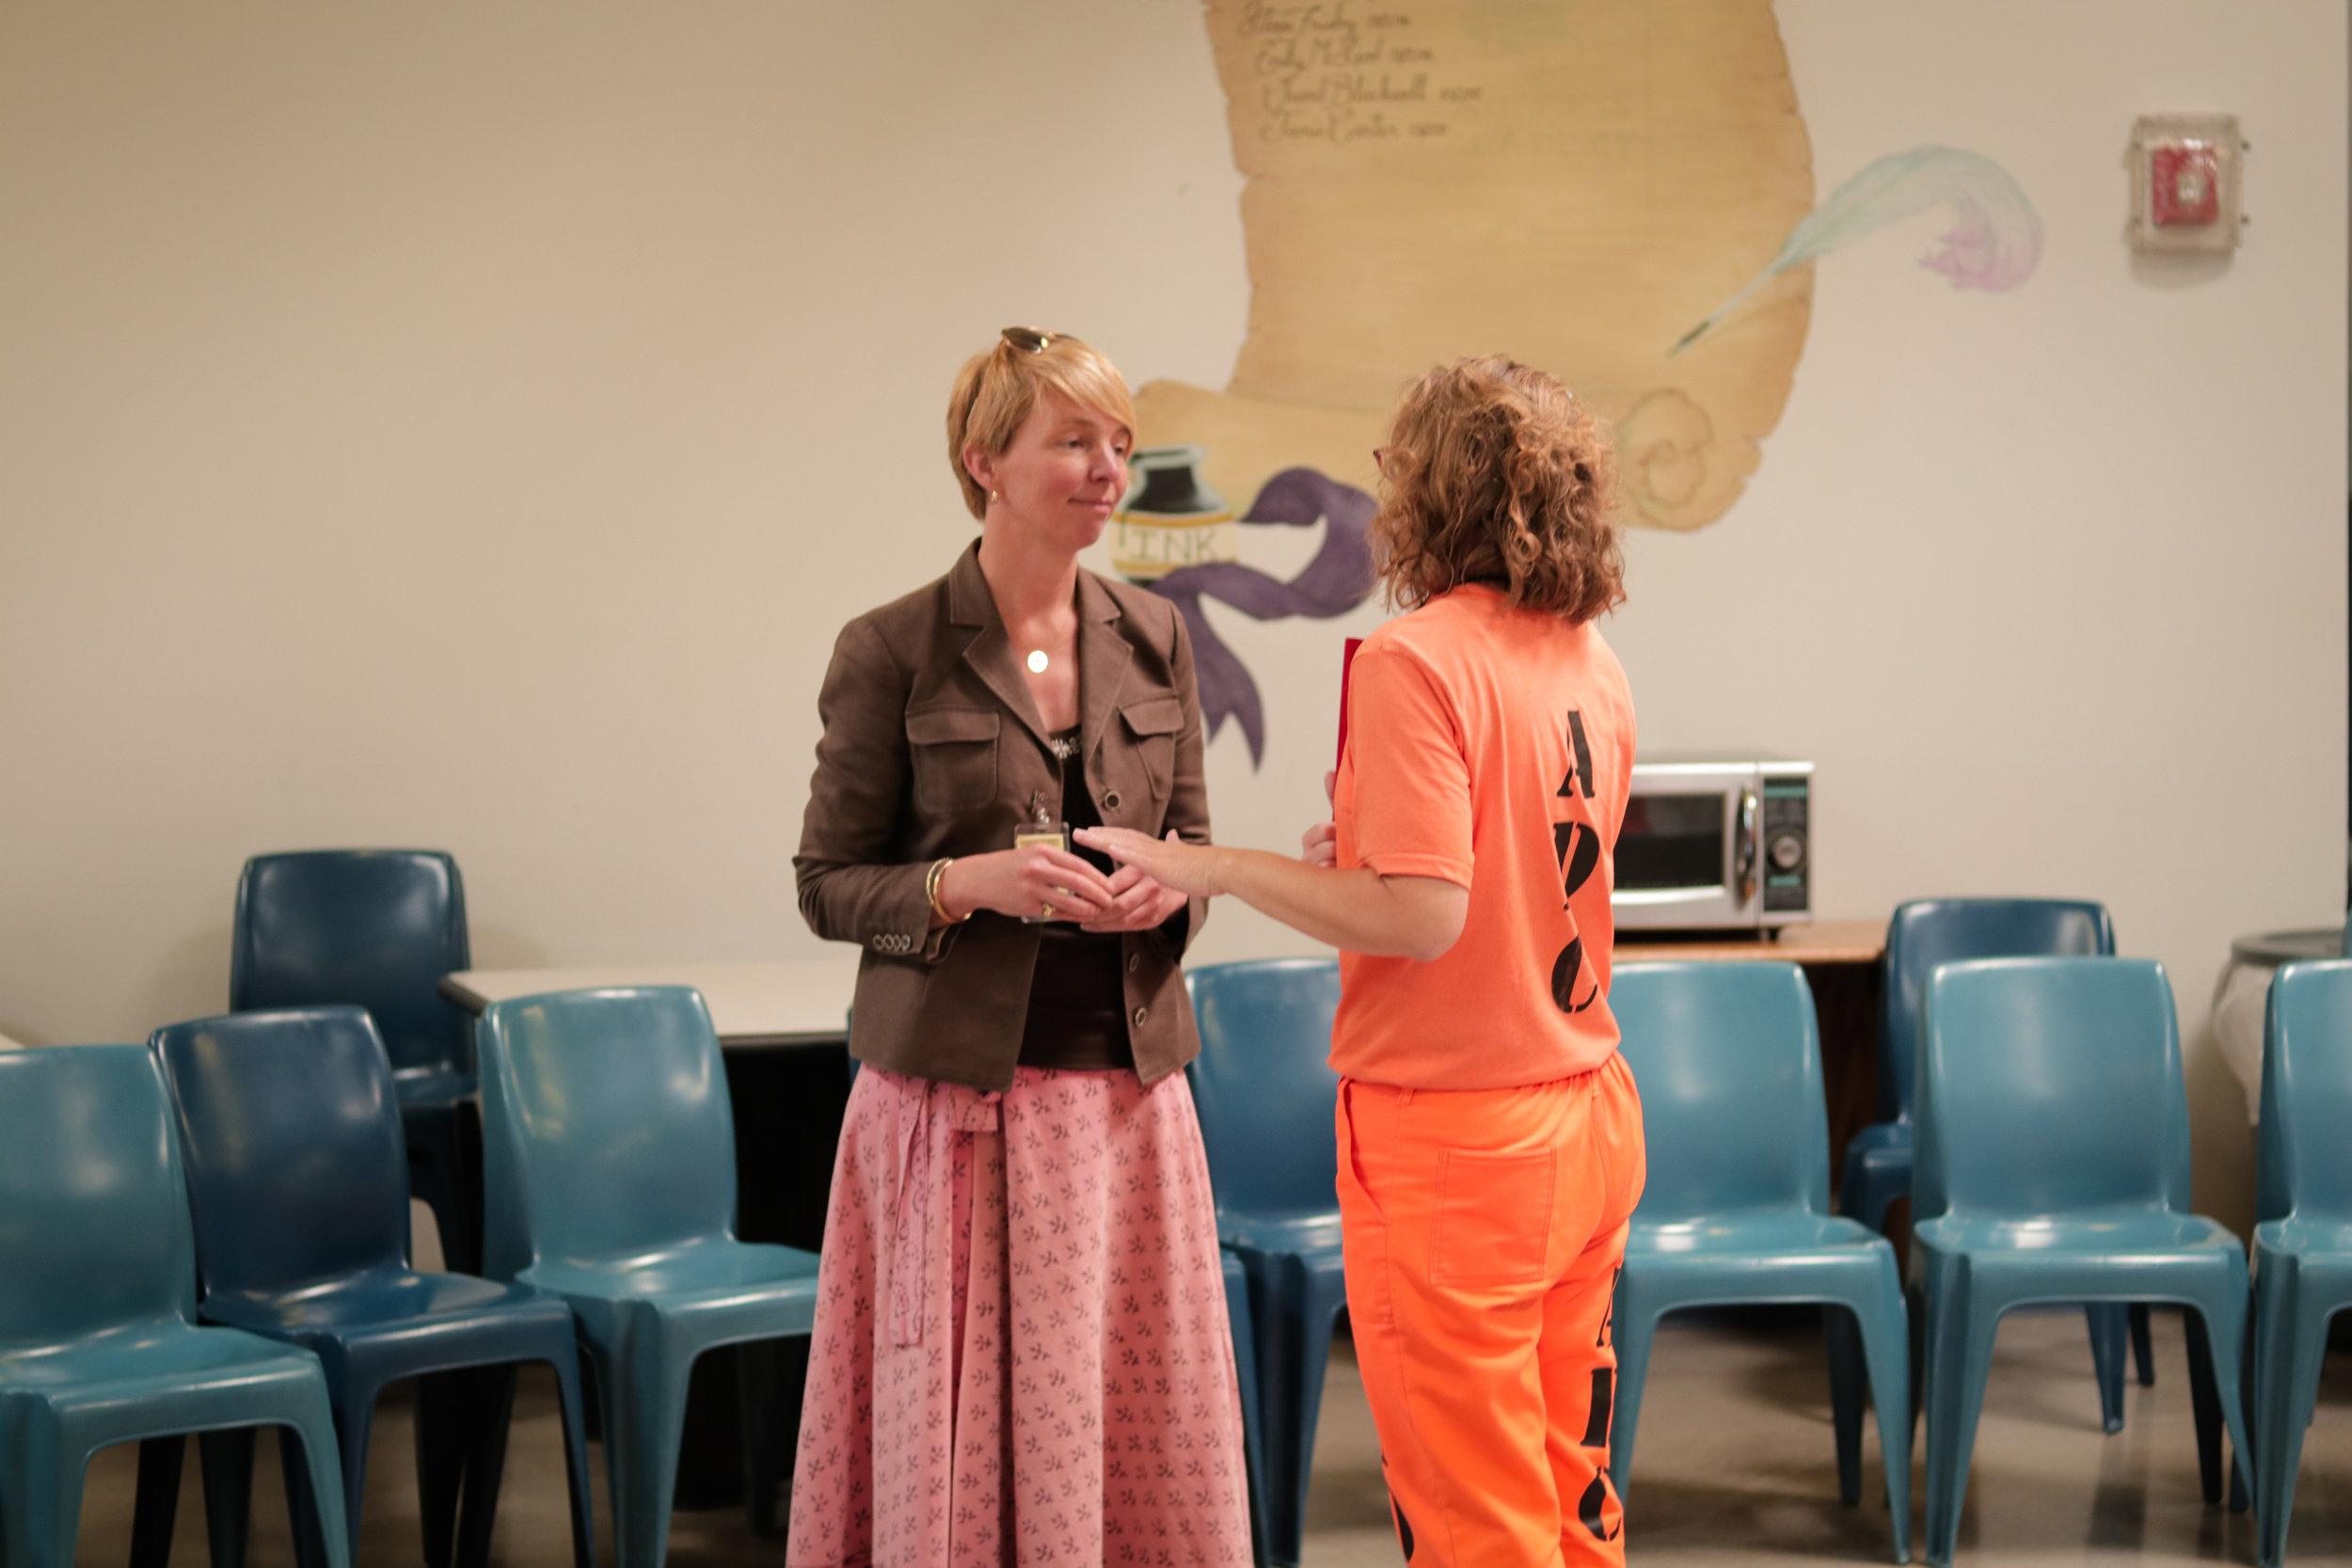 TEDx_Mariette_Talking_Prisoner.jpg